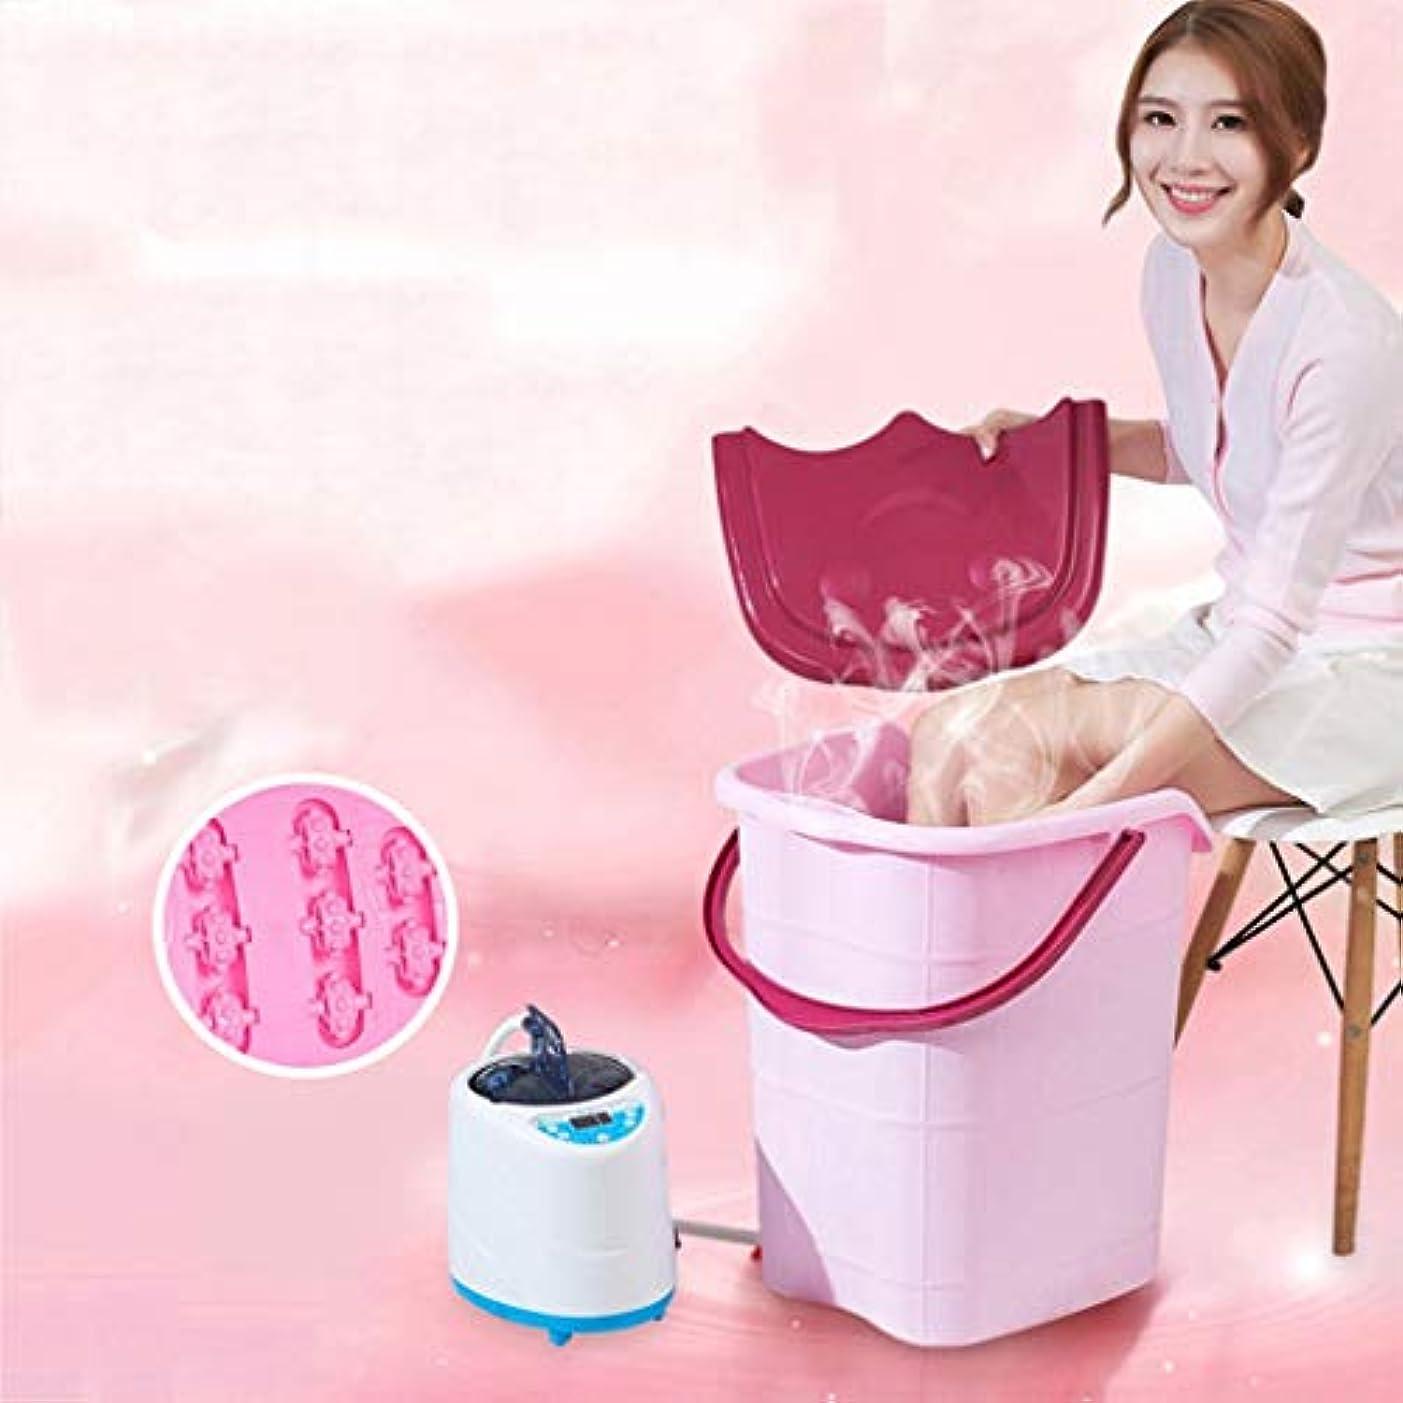 楽な乱暴なライブZ-フットバススパ浴槽 - ペディキュアのための大きなプラスチック製のフット洗面台、それはあなたの足を浸すのに最適です、つま先の爪 (Size : 39×44×35cm)